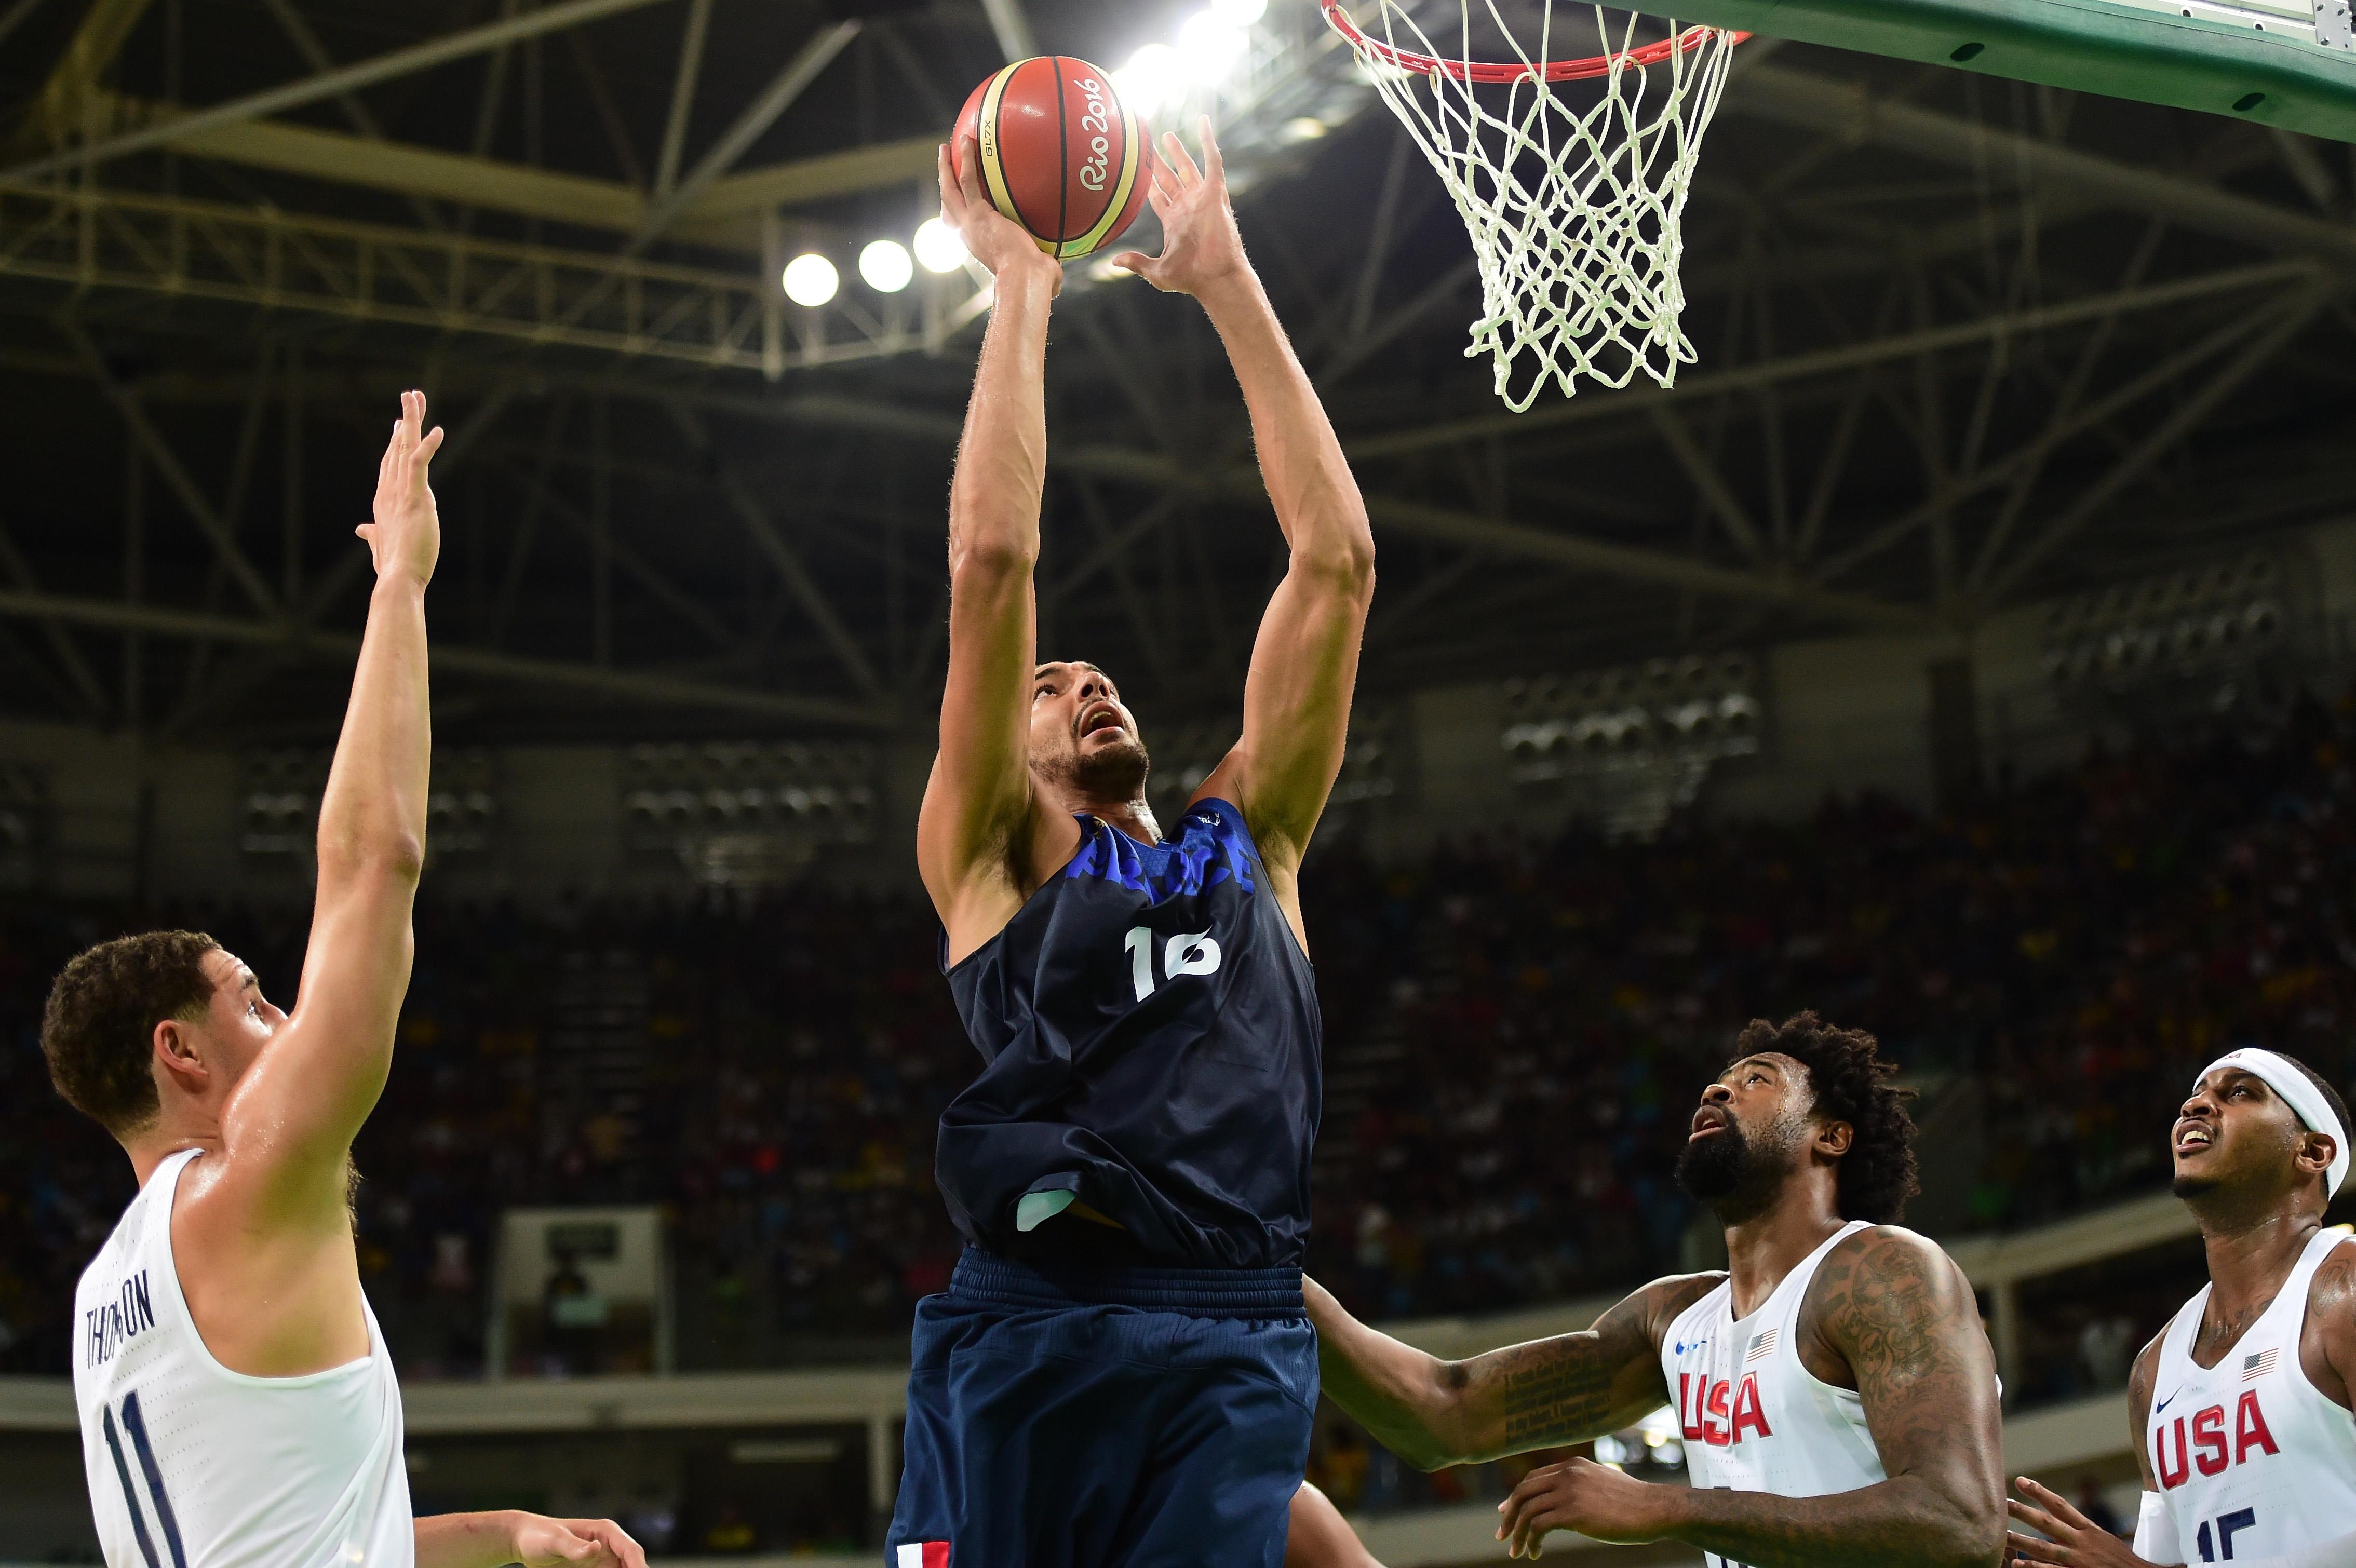 Los Angeles Clippers: Should L.A. trade DeAndre Jordan?